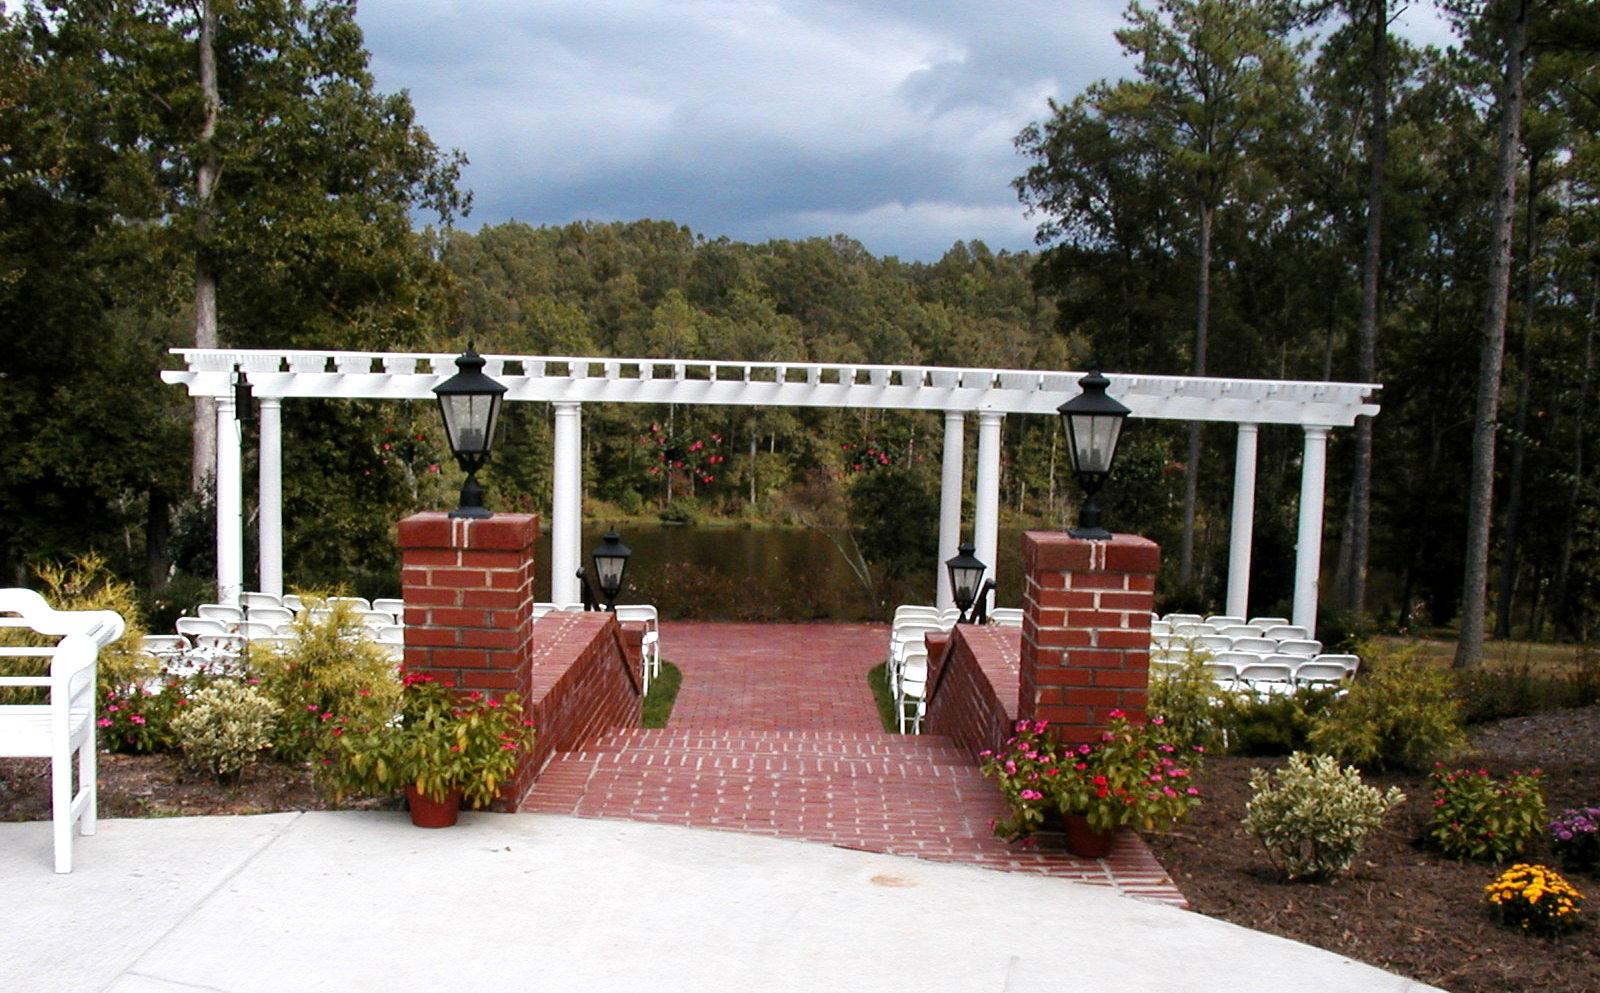 Raleigh Wedding Blog: The New Garden Ballroom at Highgrove!